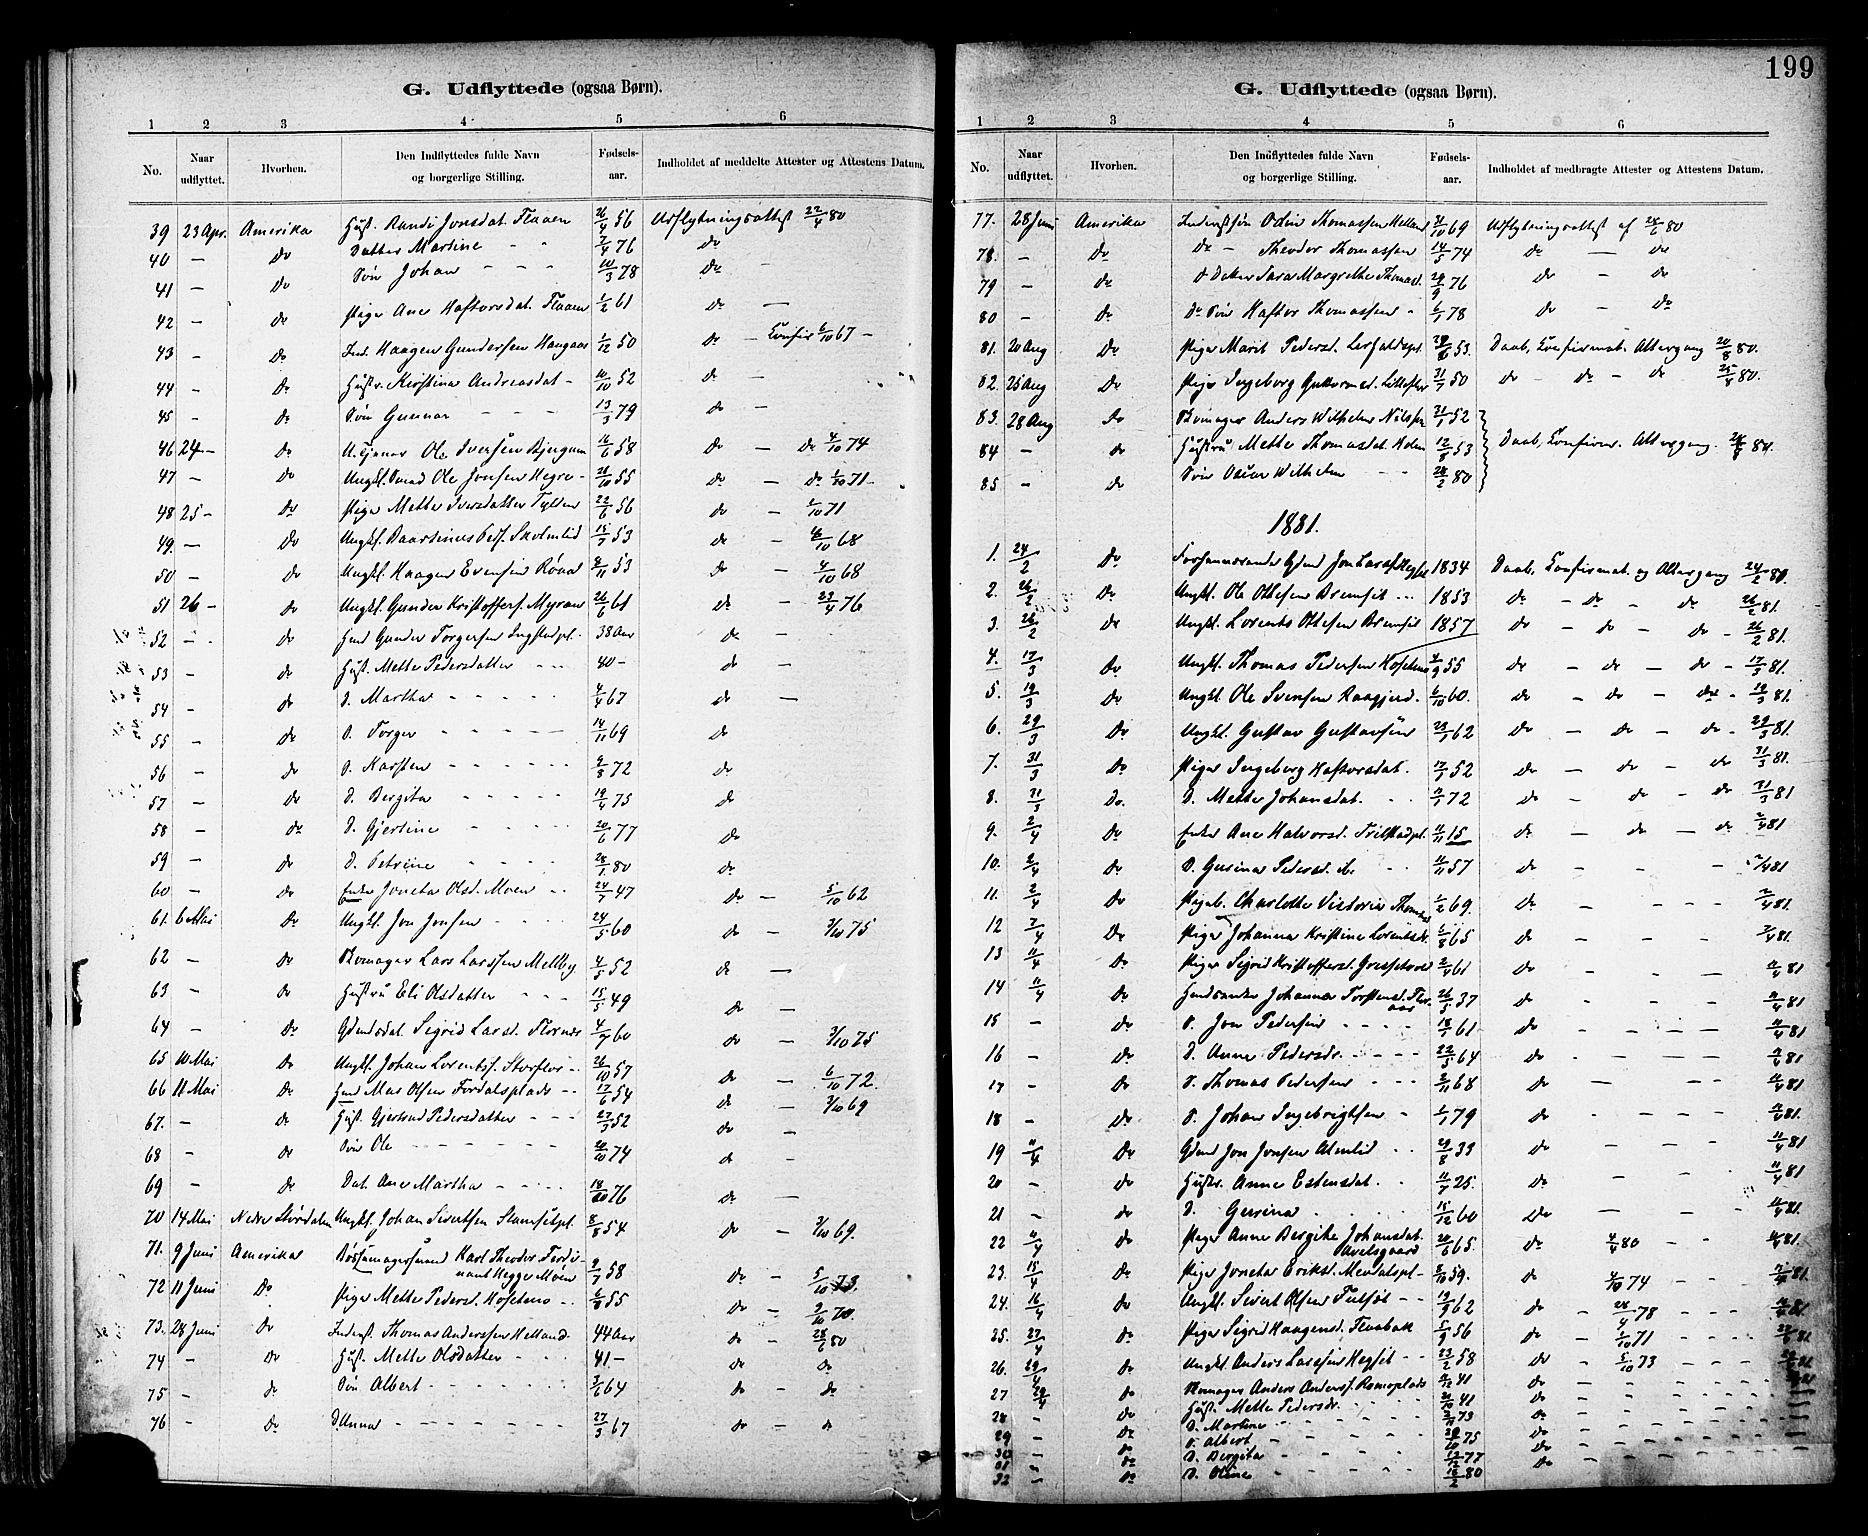 SAT, Ministerialprotokoller, klokkerbøker og fødselsregistre - Nord-Trøndelag, 703/L0030: Parish register (official) no. 703A03, 1880-1892, p. 199